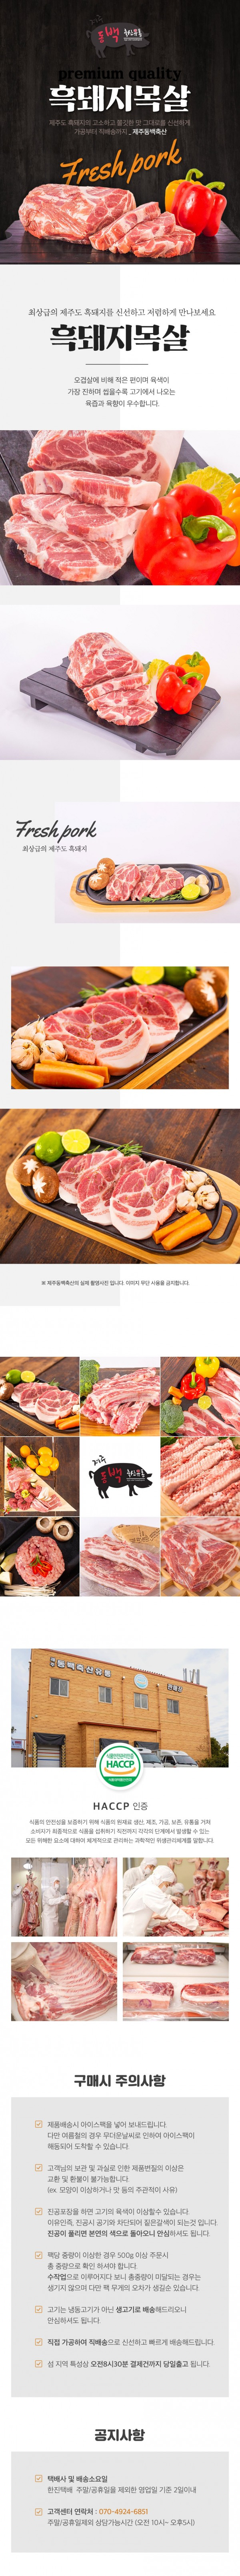 [D061]제주 흑돼지 상세페이지  디자인